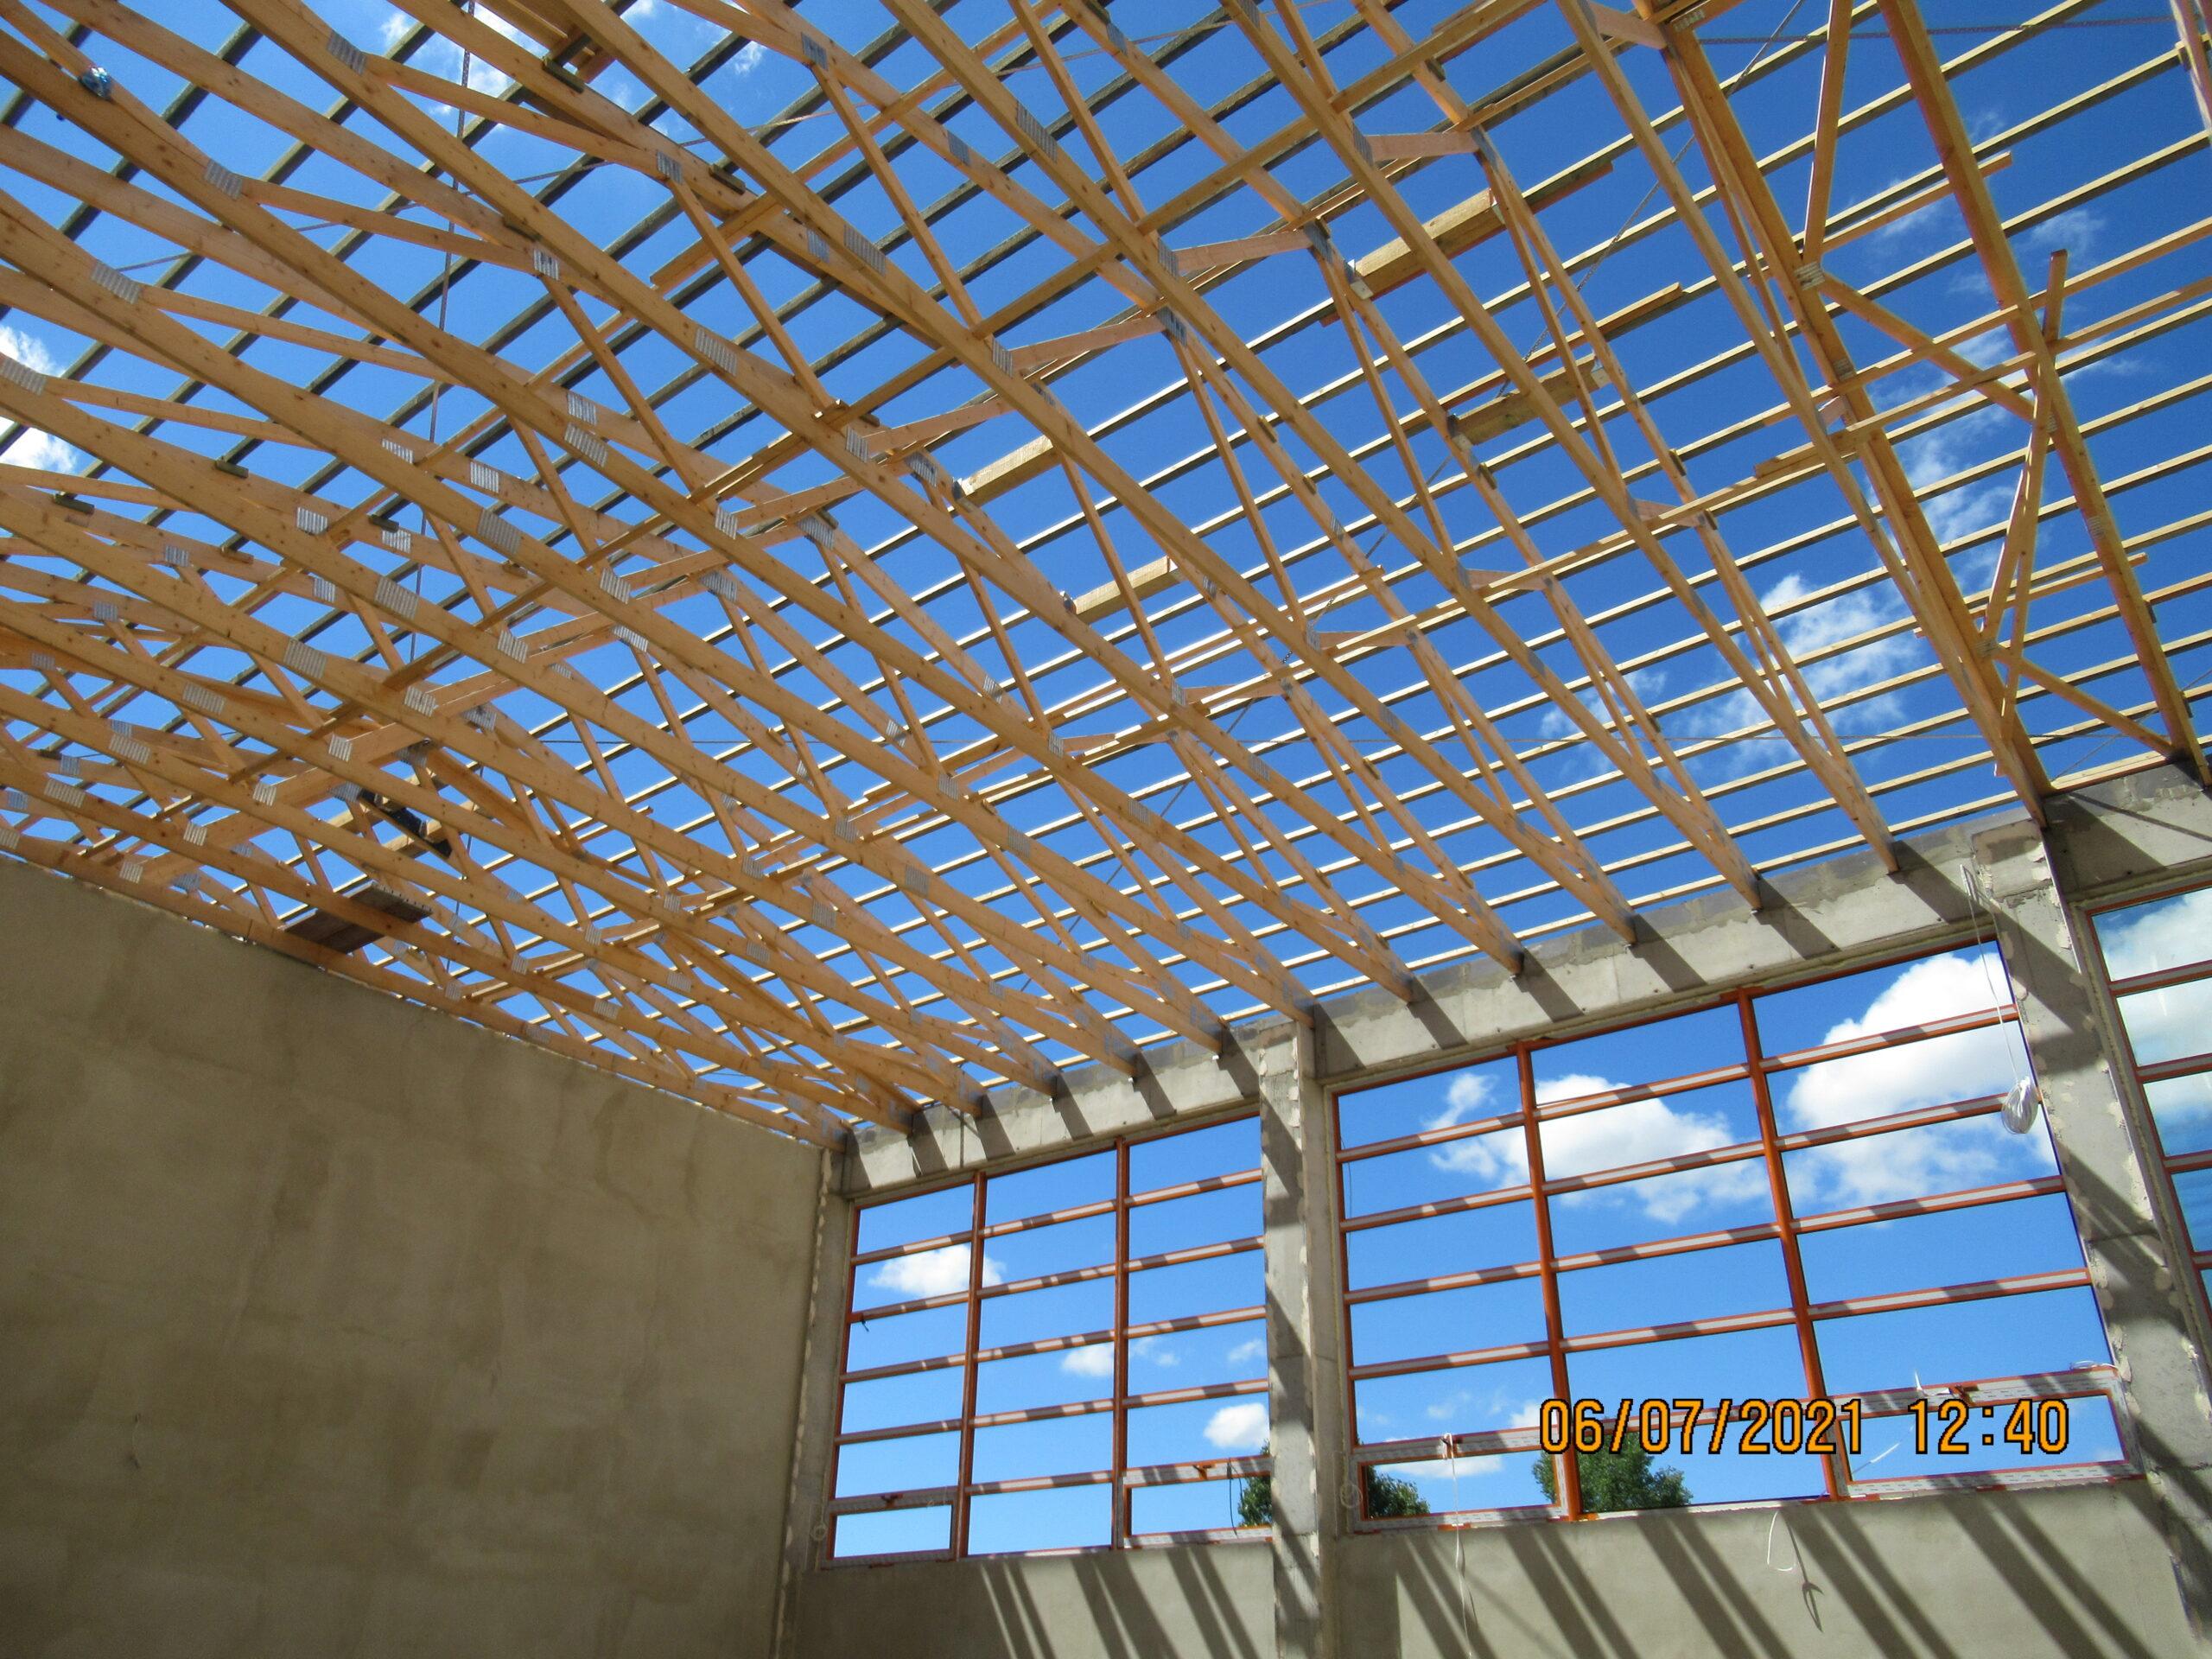 Budowa sali gimnastycznej w miejscowości Radostów Średni